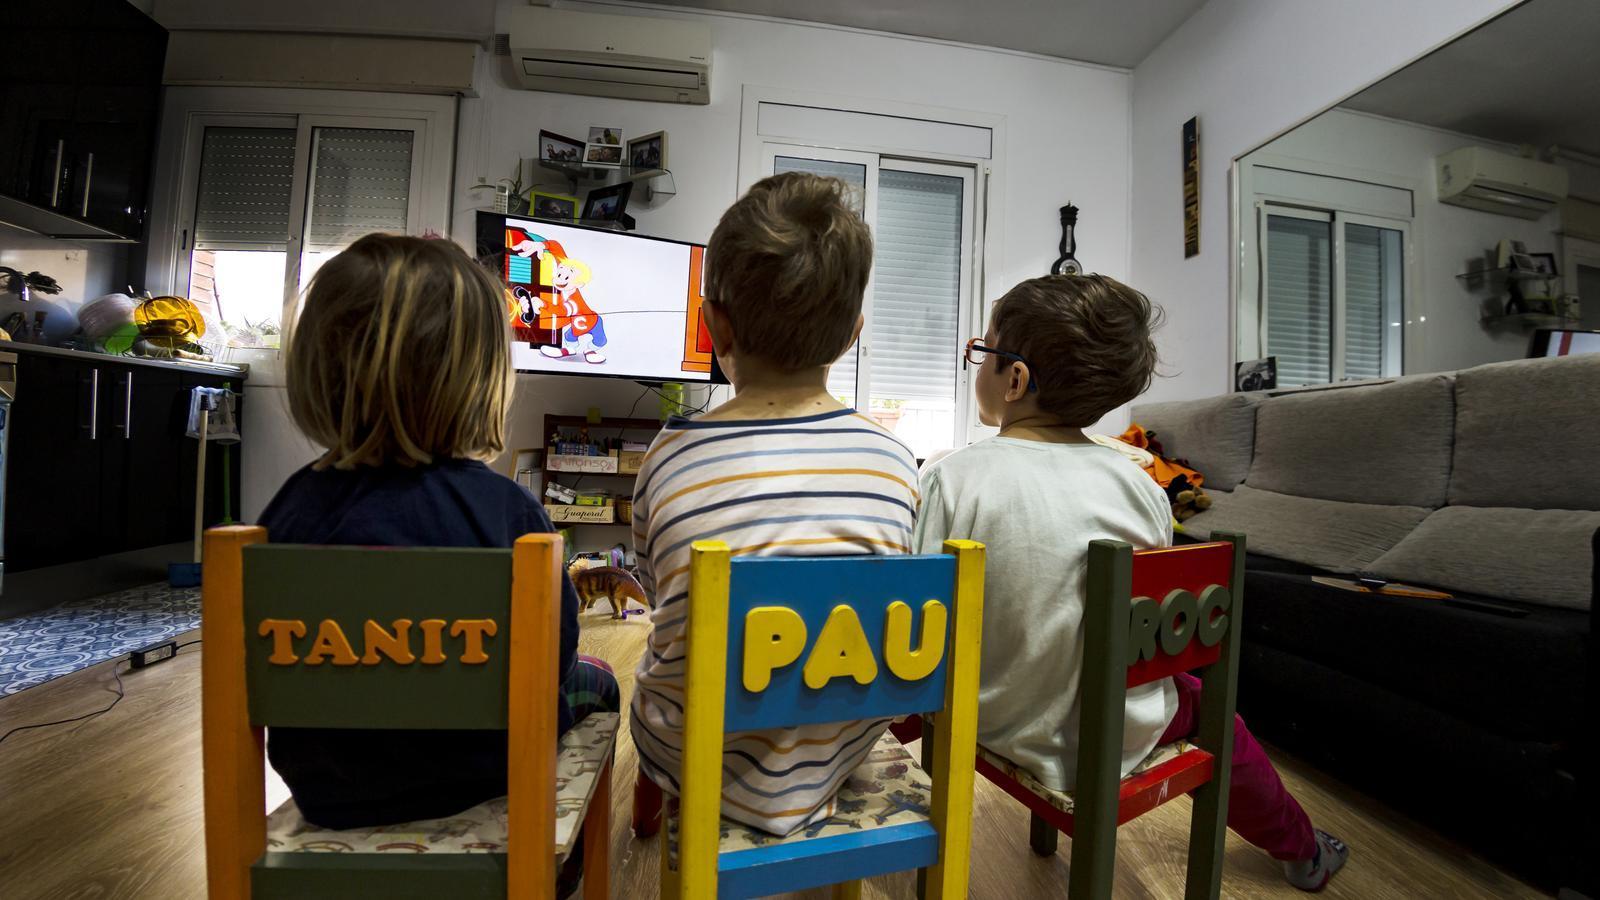 Nens mirant la televisió